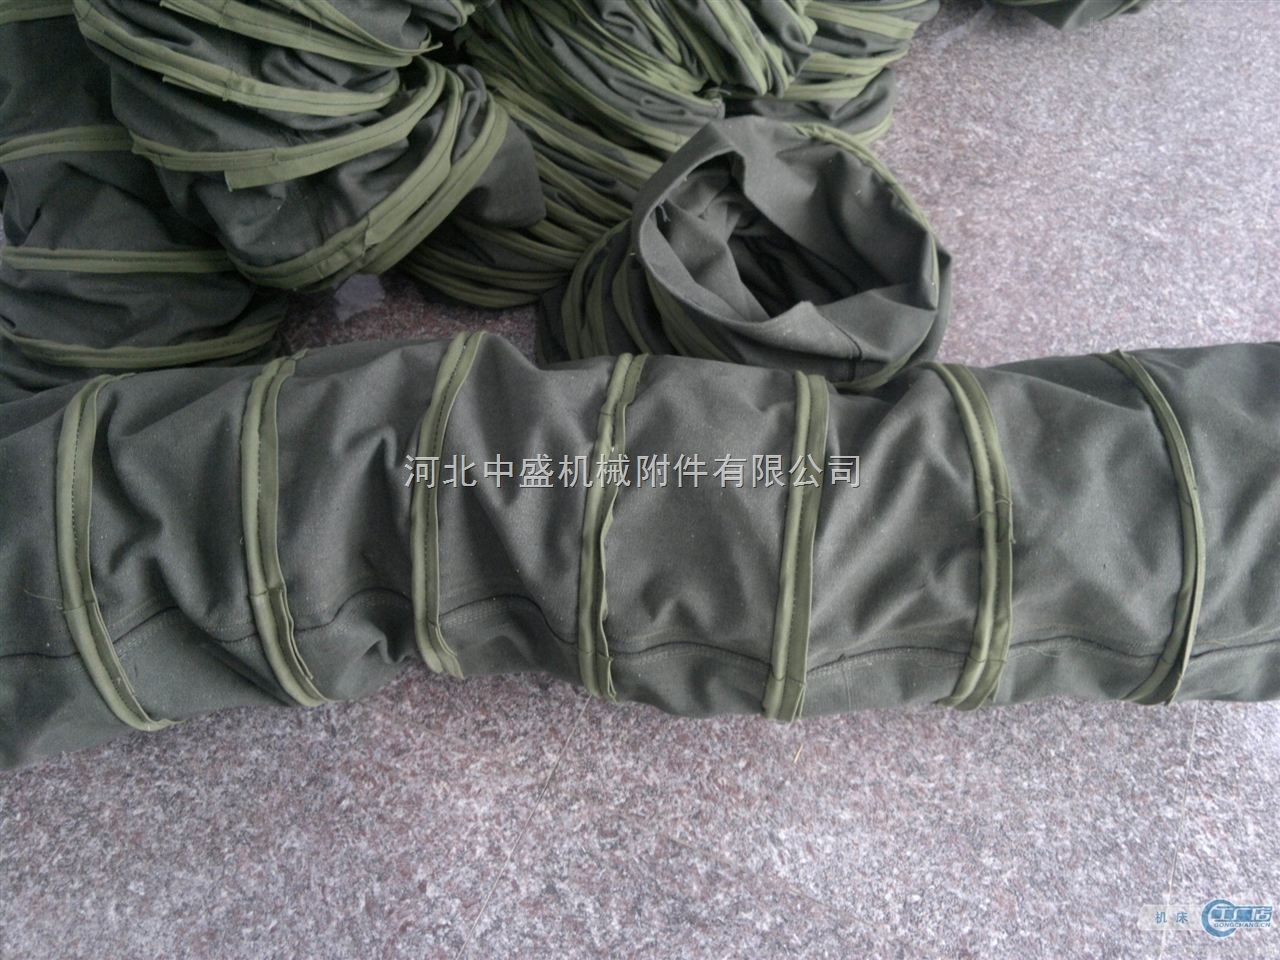 大量供应吊环式帆布伸缩布袋厂家